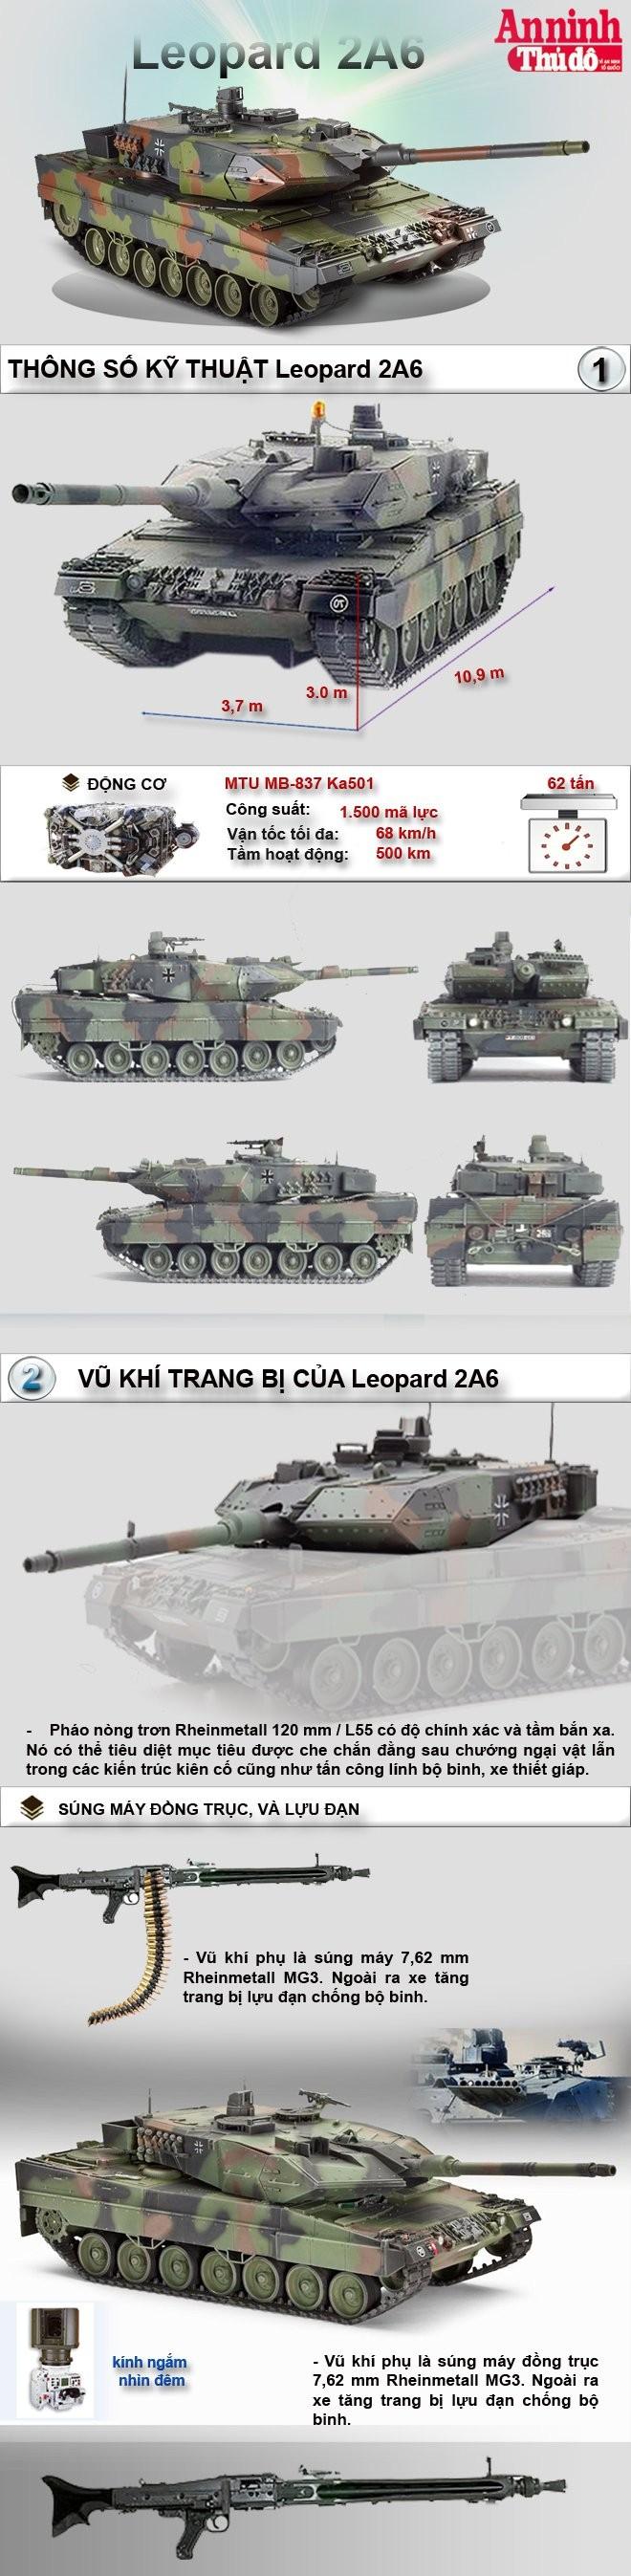 [Infographic] Leopard 2A6 ứng viên nặng ký tăng cường sức mạnh tăng thiết giáp Việt Nam ảnh 2